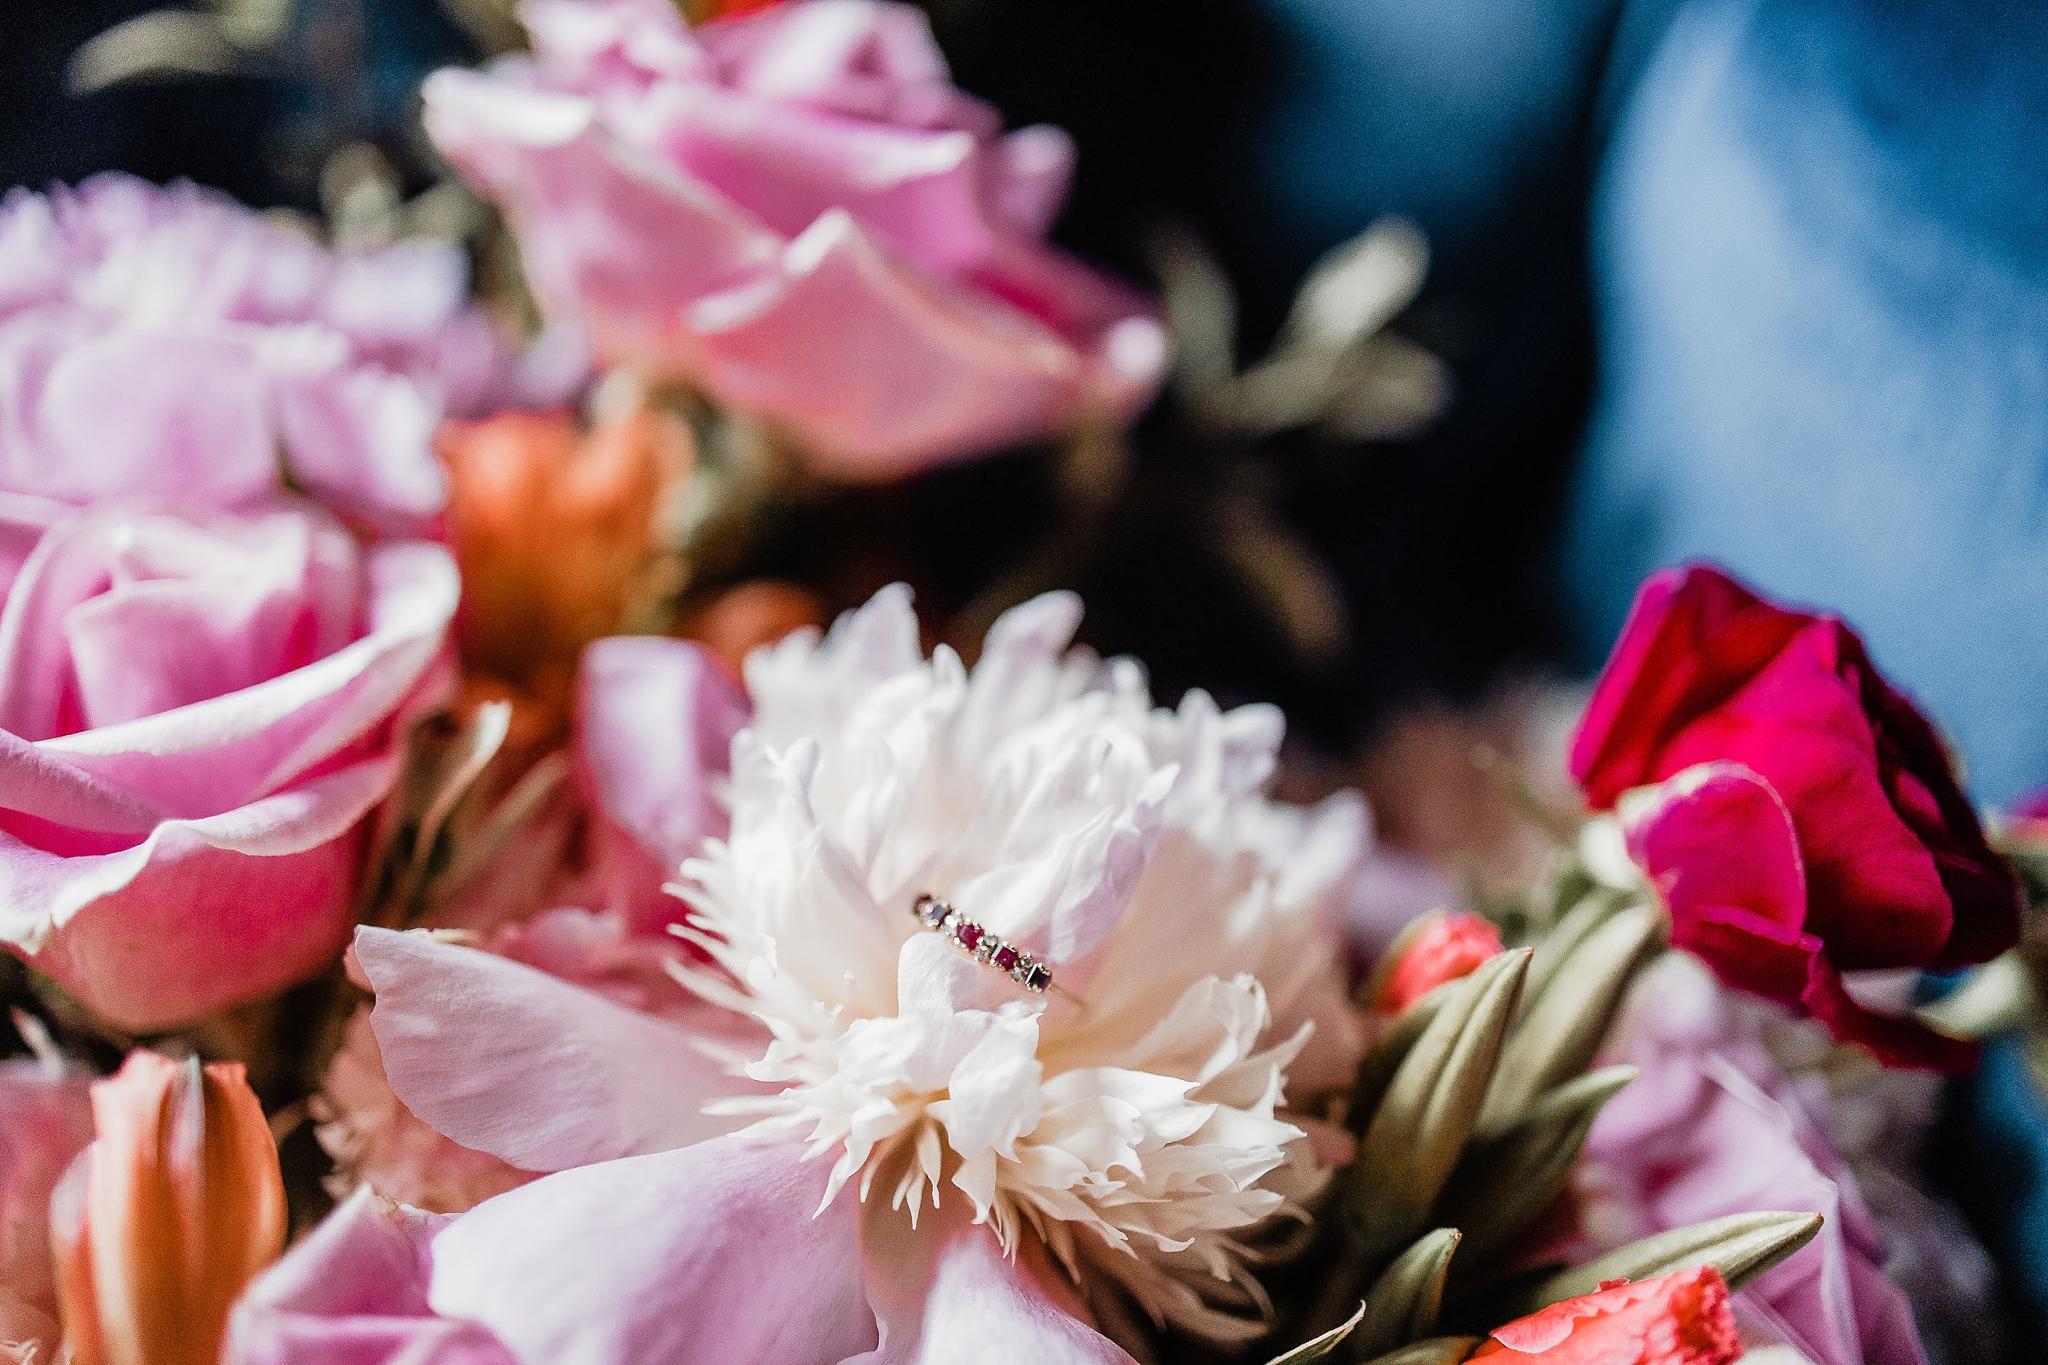 Alicia+lucia+photography+-+albuquerque+wedding+photographer+-+santa+fe+wedding+photography+-+new+mexico+wedding+photographer+-+new+mexico+wedding+-+summer+wedding+-+summer+wedding+florals+-+southwest+wedding_0034.jpg